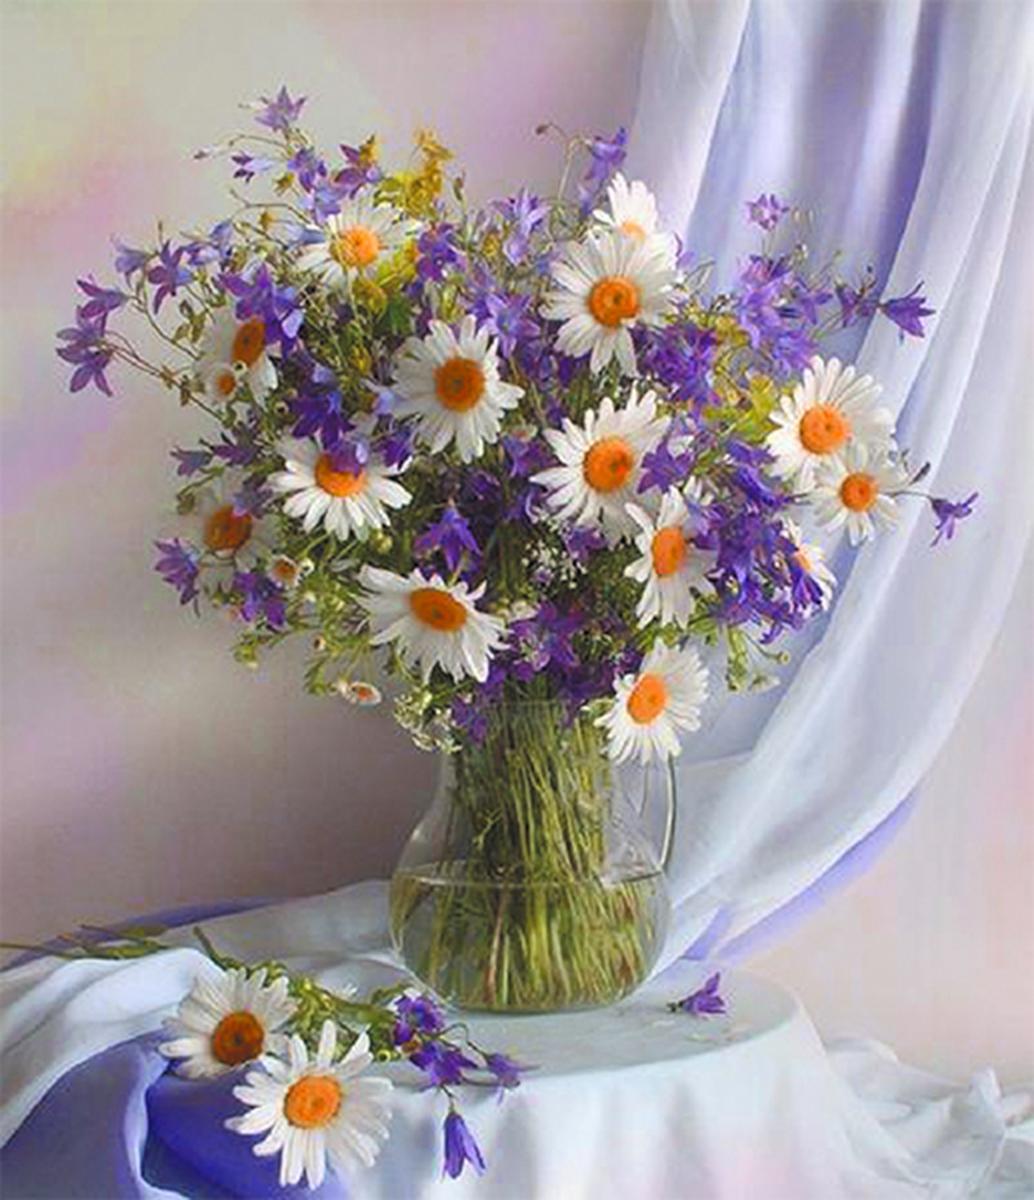 шапки красивые букеты из полевых ромашек фото количество мини-садов